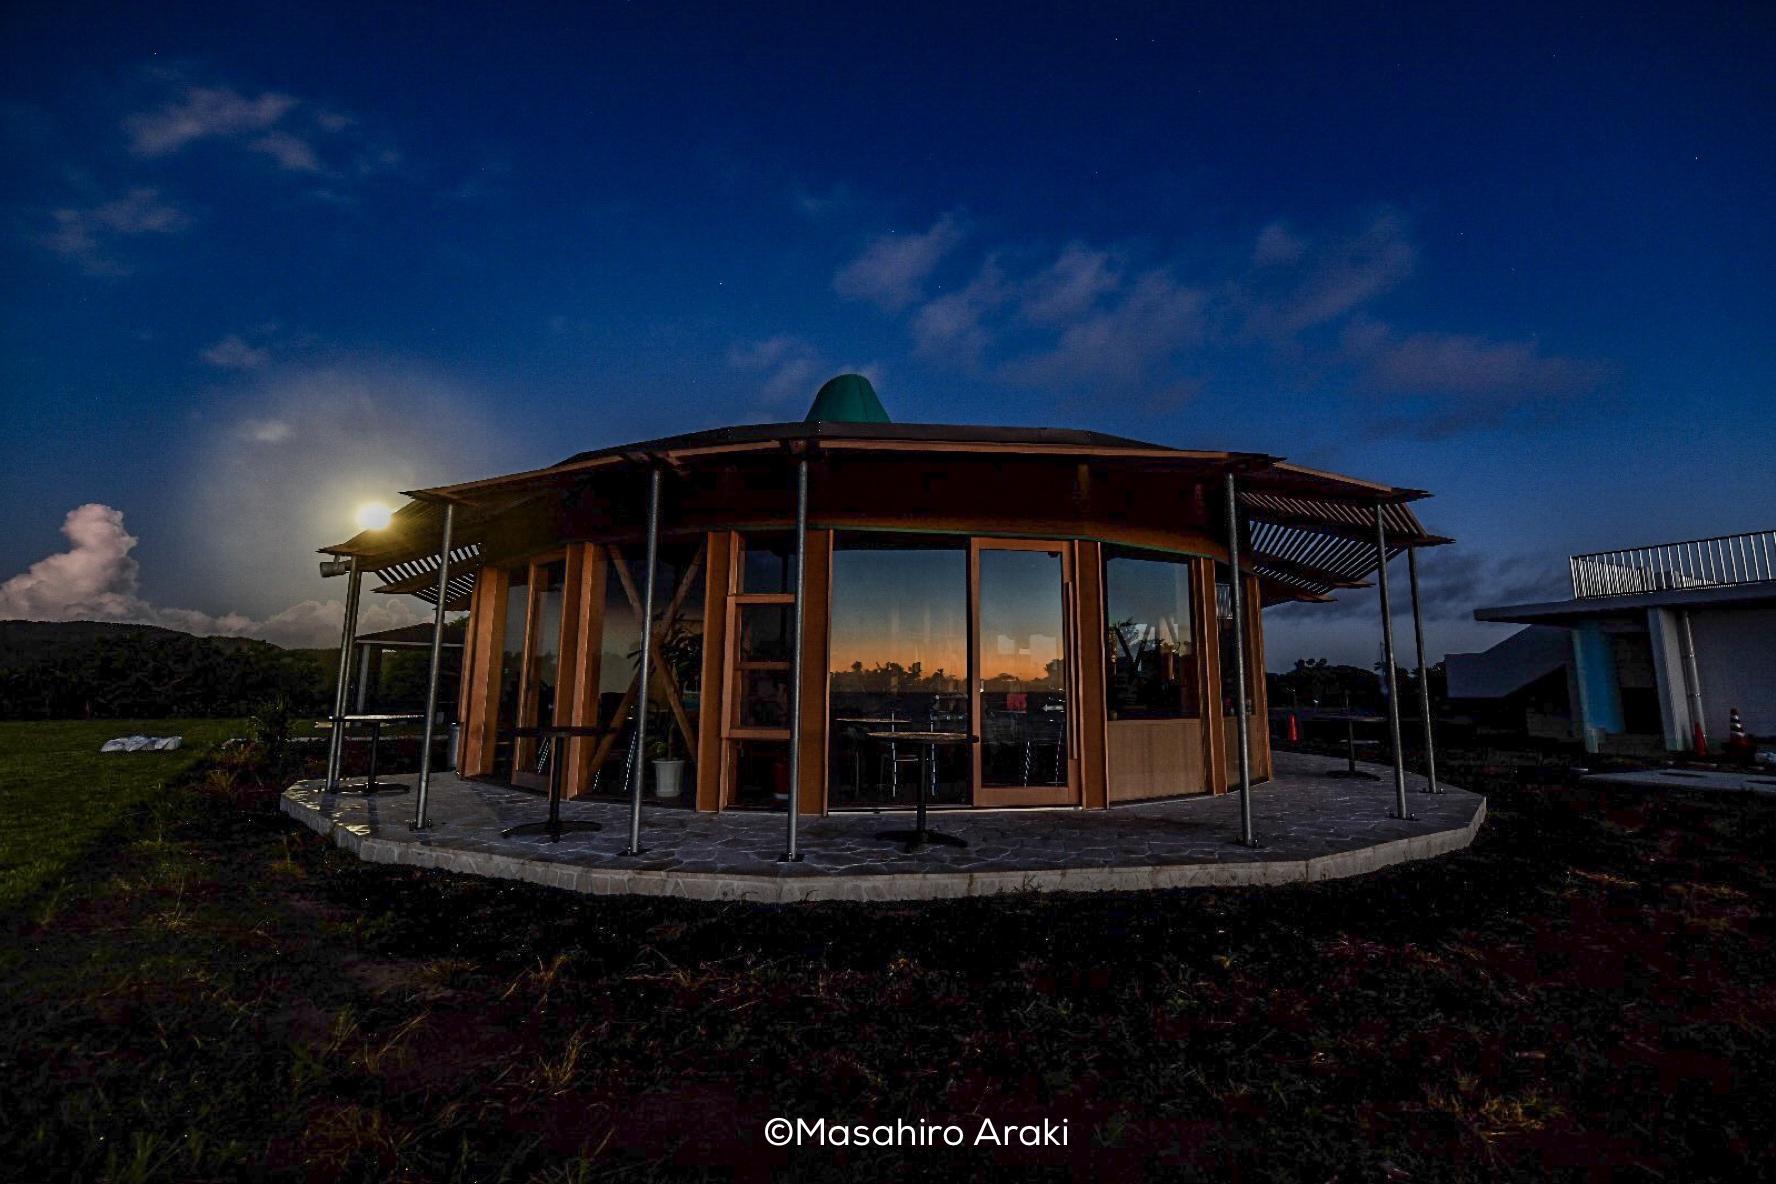 あやまる岬観光公園観光案内所広場の外観の写真001_01 のコピー